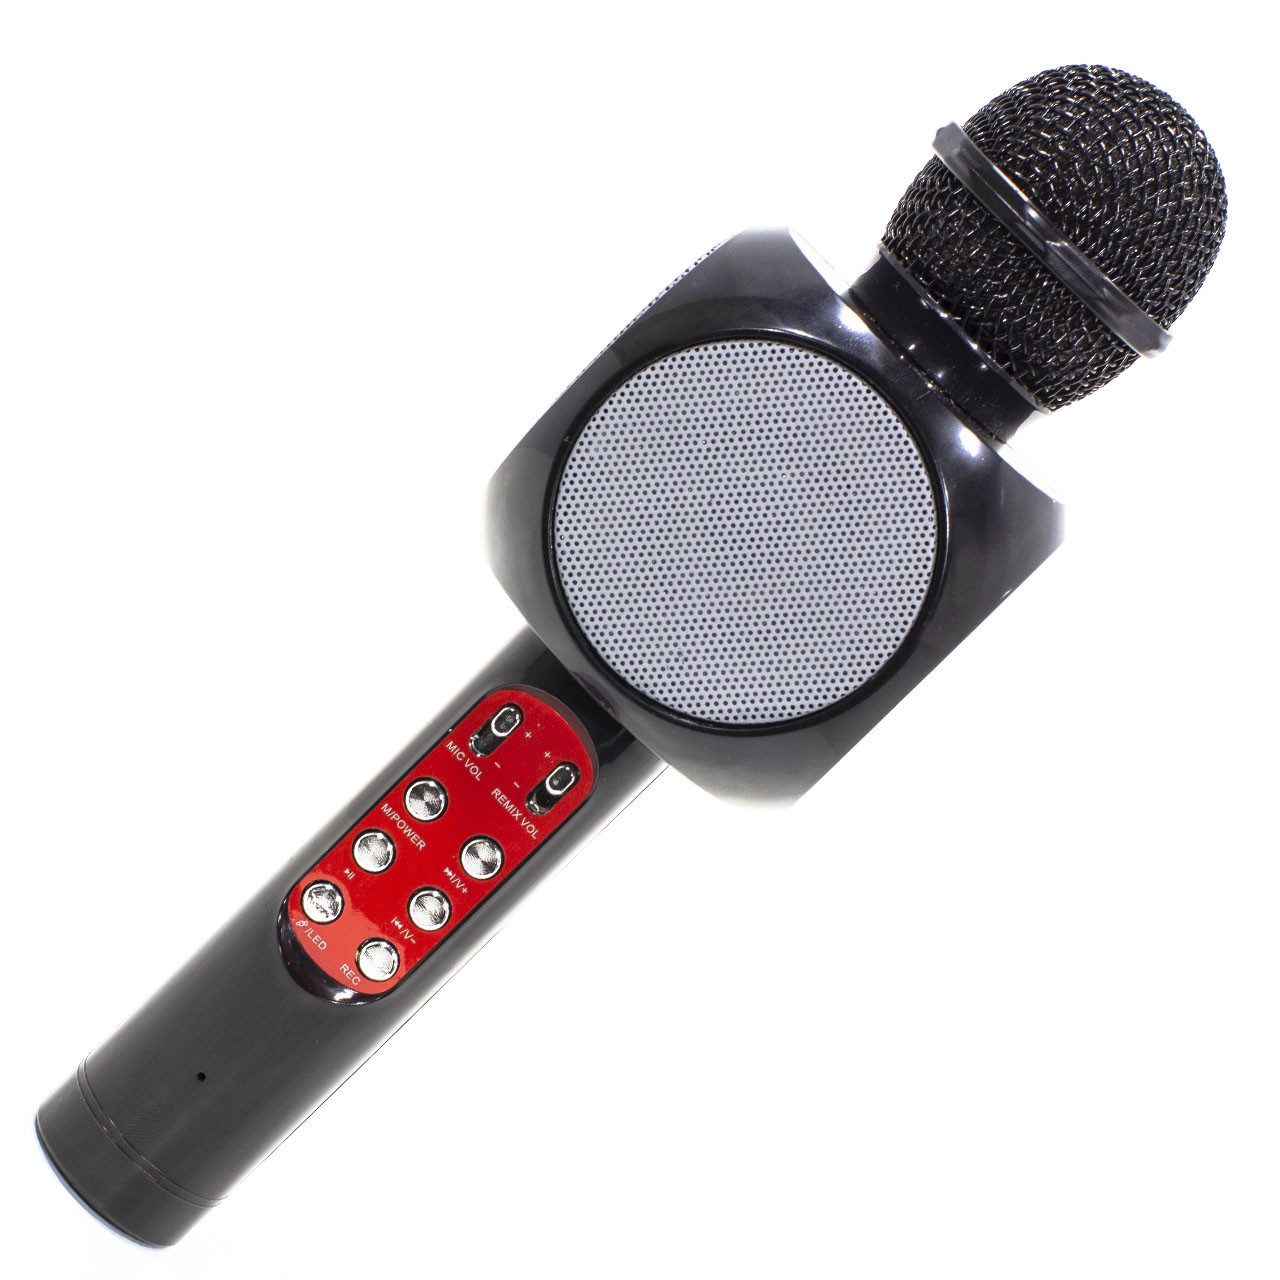 Беспроводной портативный микрофон Micgeek WS-1816 для караоке с подсветкой Bluetooth Black